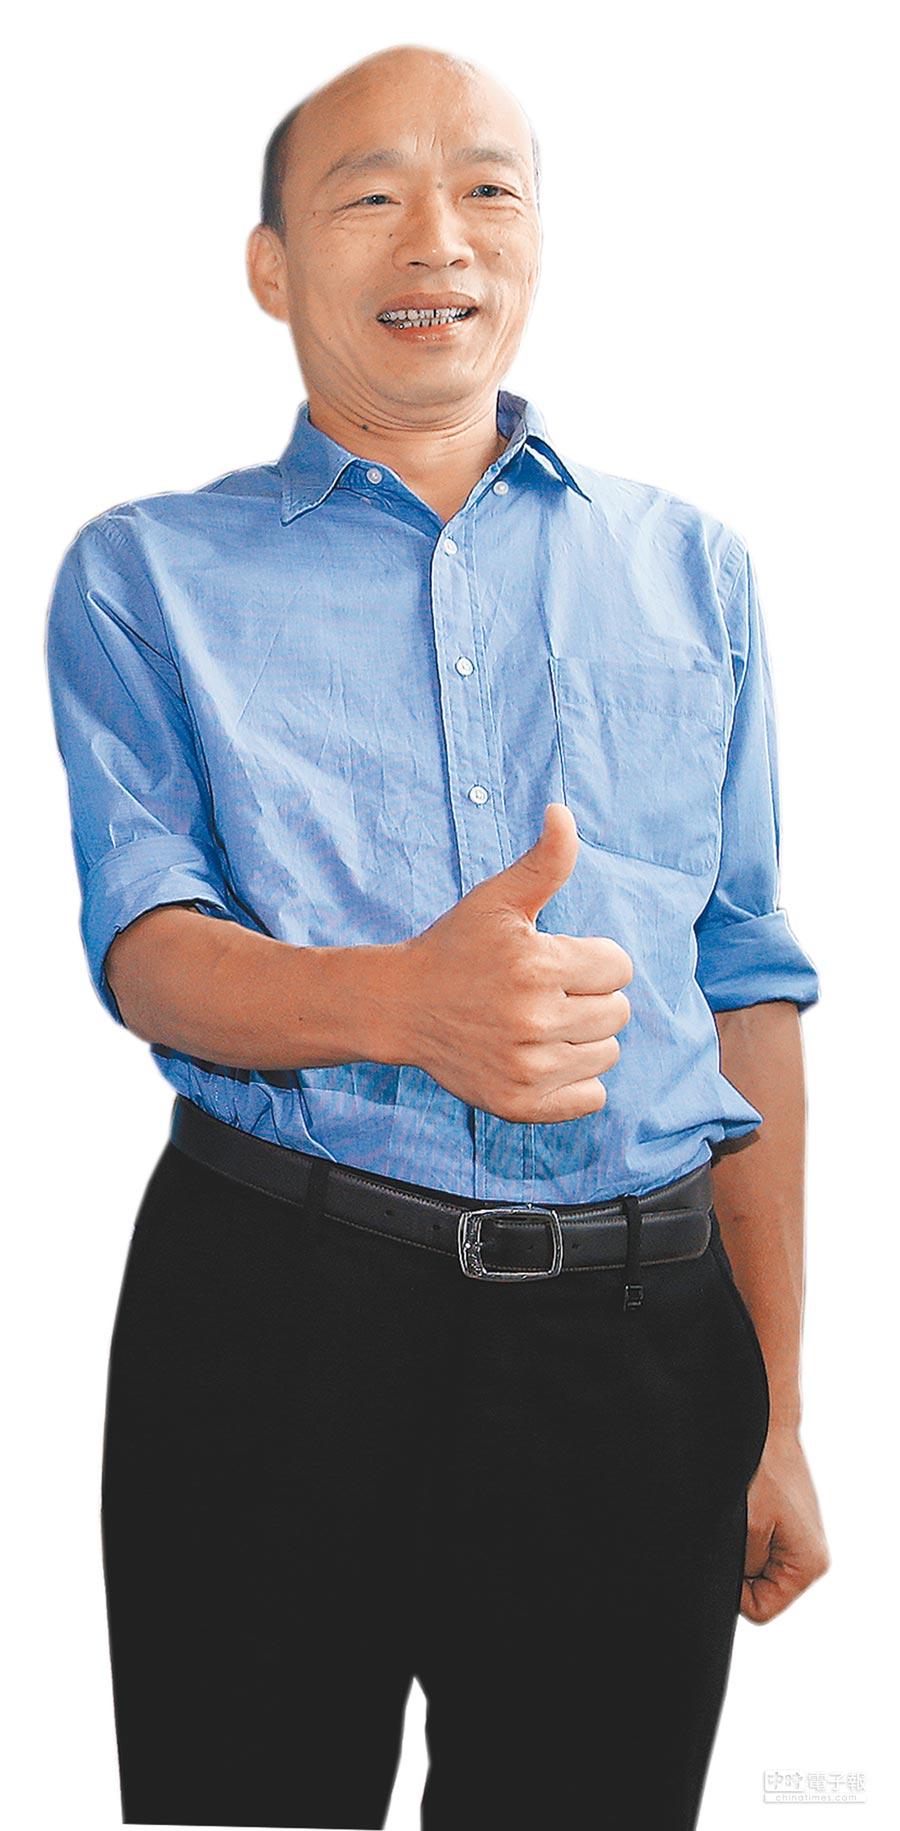 高雄市長選情緊繃,根據《旺旺中時媒體集團》最新民調顯示,國民黨候選人韓國瑜42.5%。(本報資料照片)